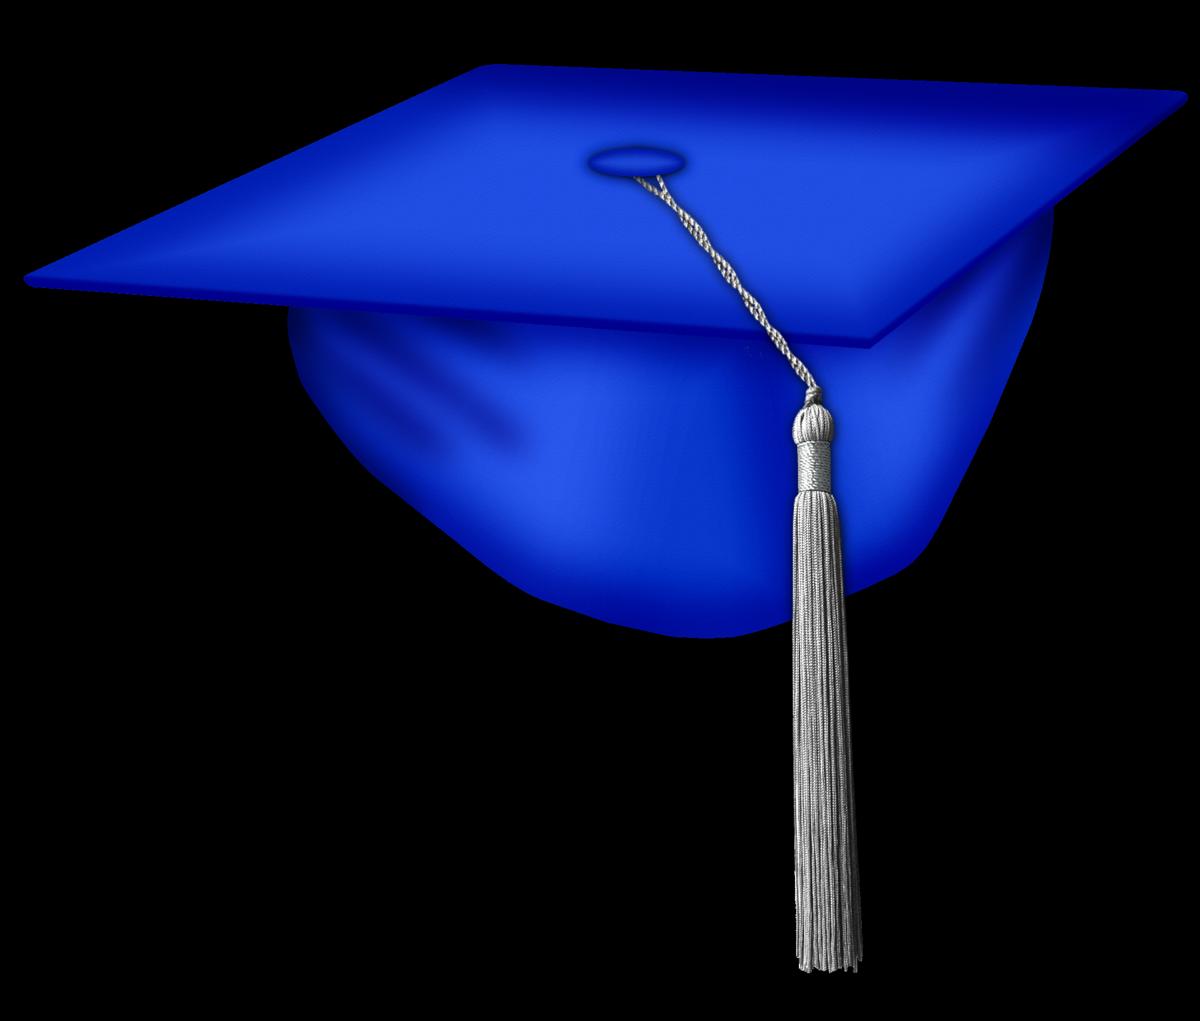 Free Graduation Cap Blue Clipart, Download Free Clip Art, Free Clip.